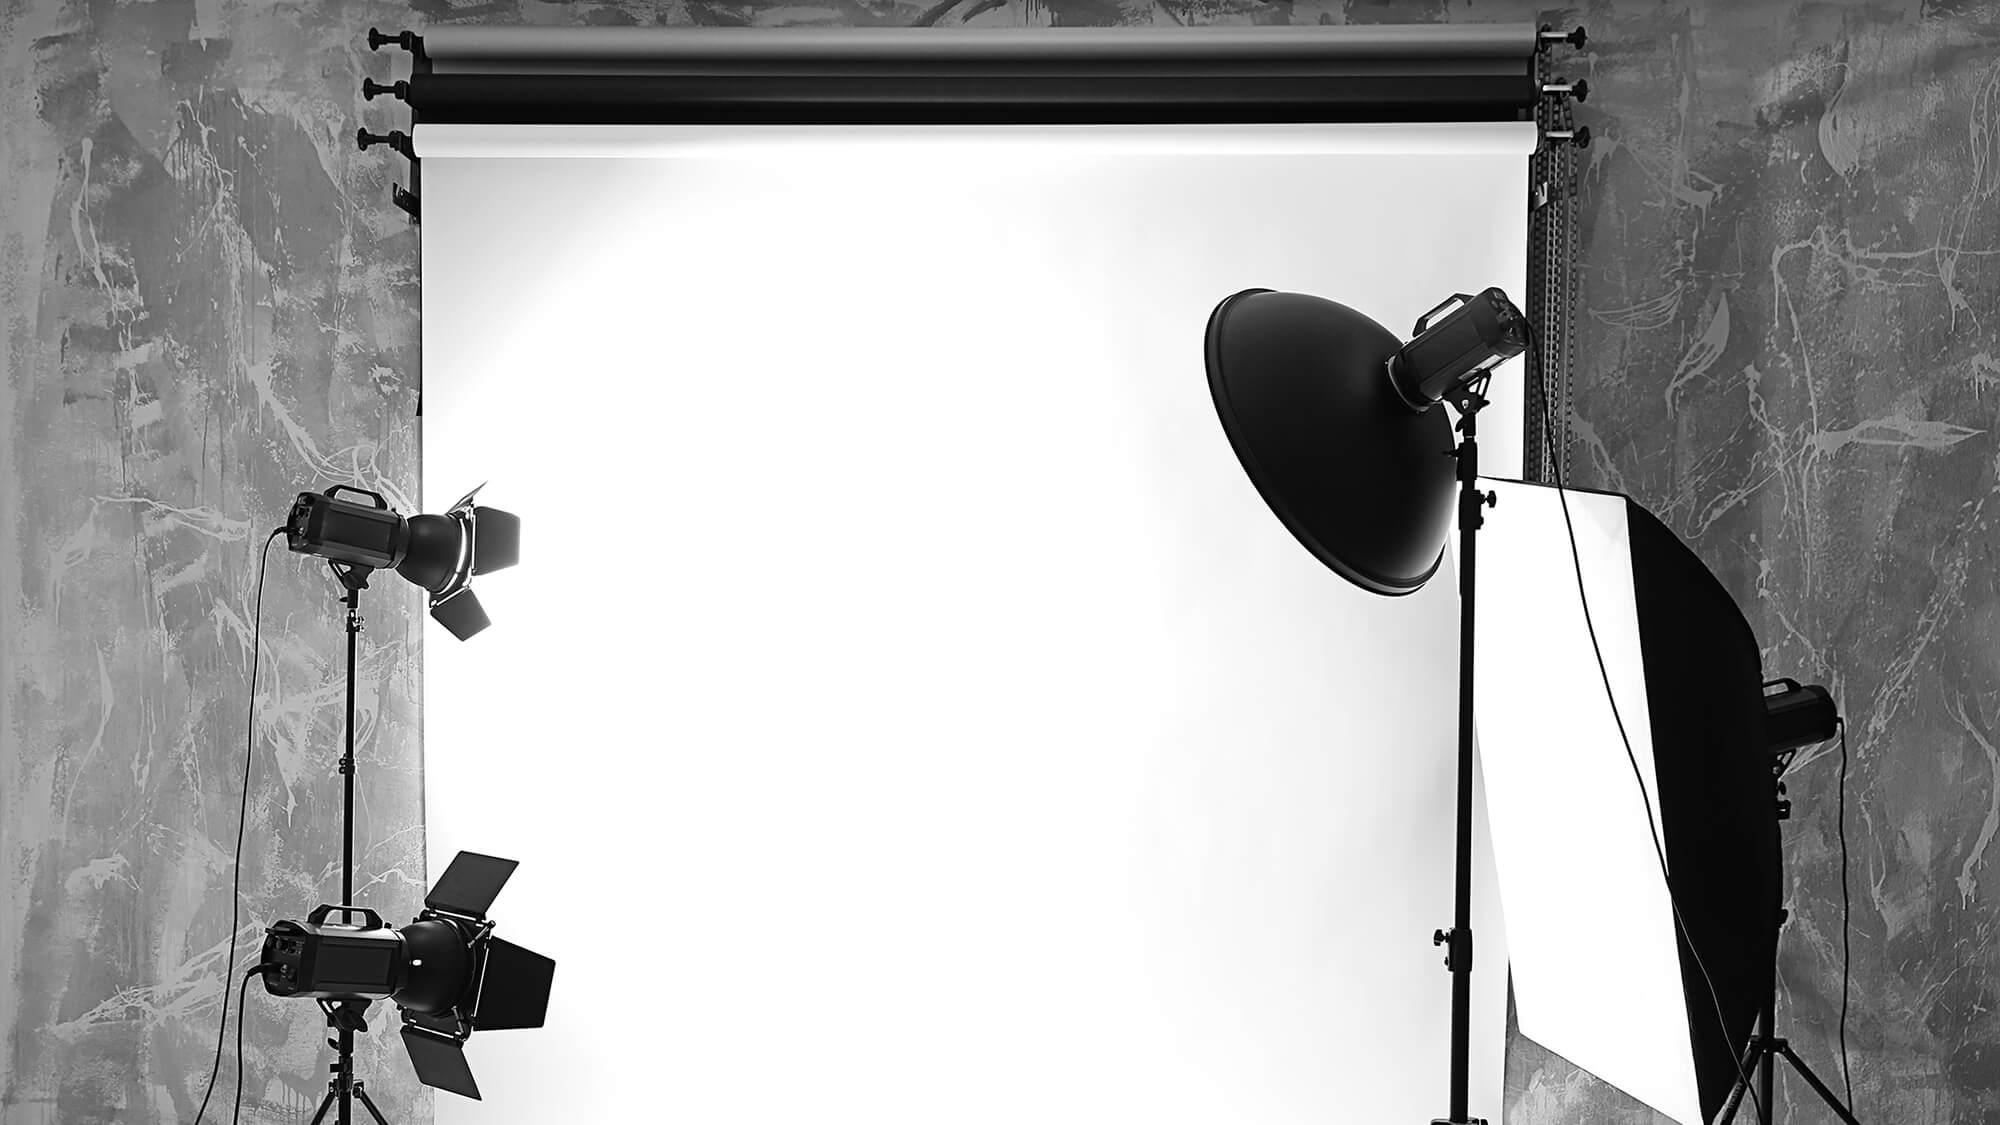 プロカメラマンが語る!スピード写真やアプリにはないフォトスタジオの技術と魅力とは